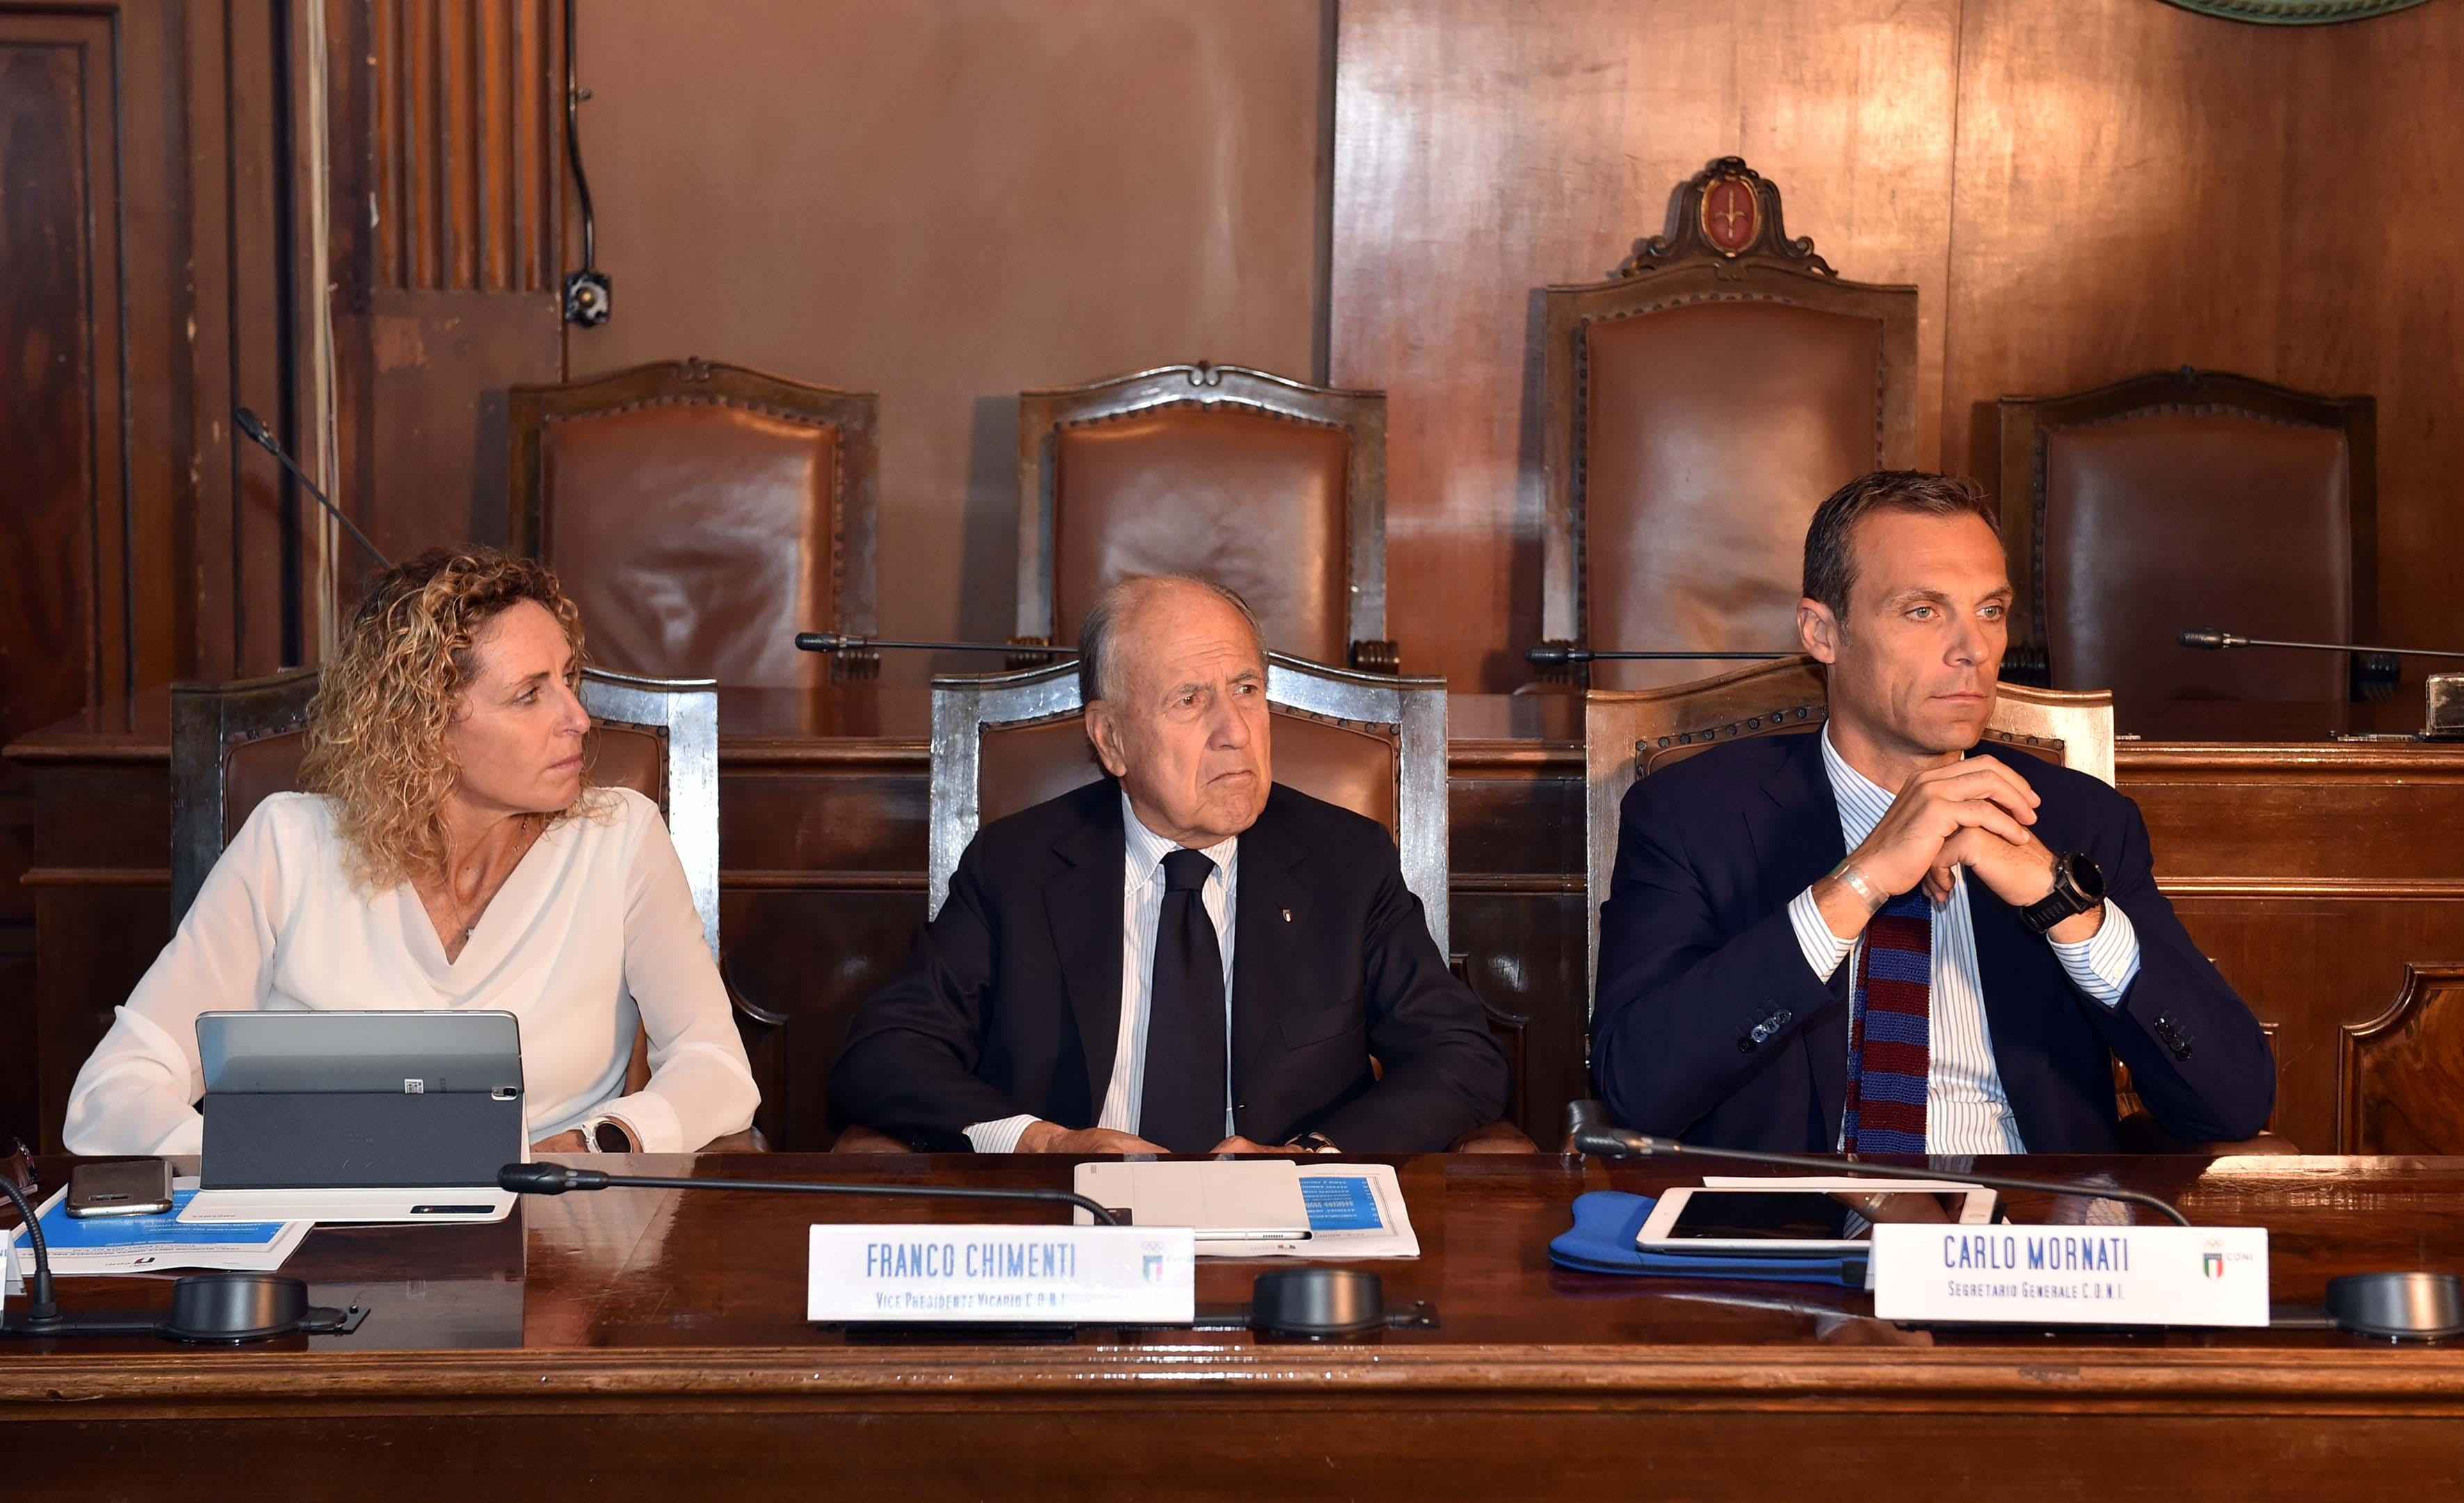 180612 0052 Trieste Giunta foto Simone Ferraro SFA_8659 copia